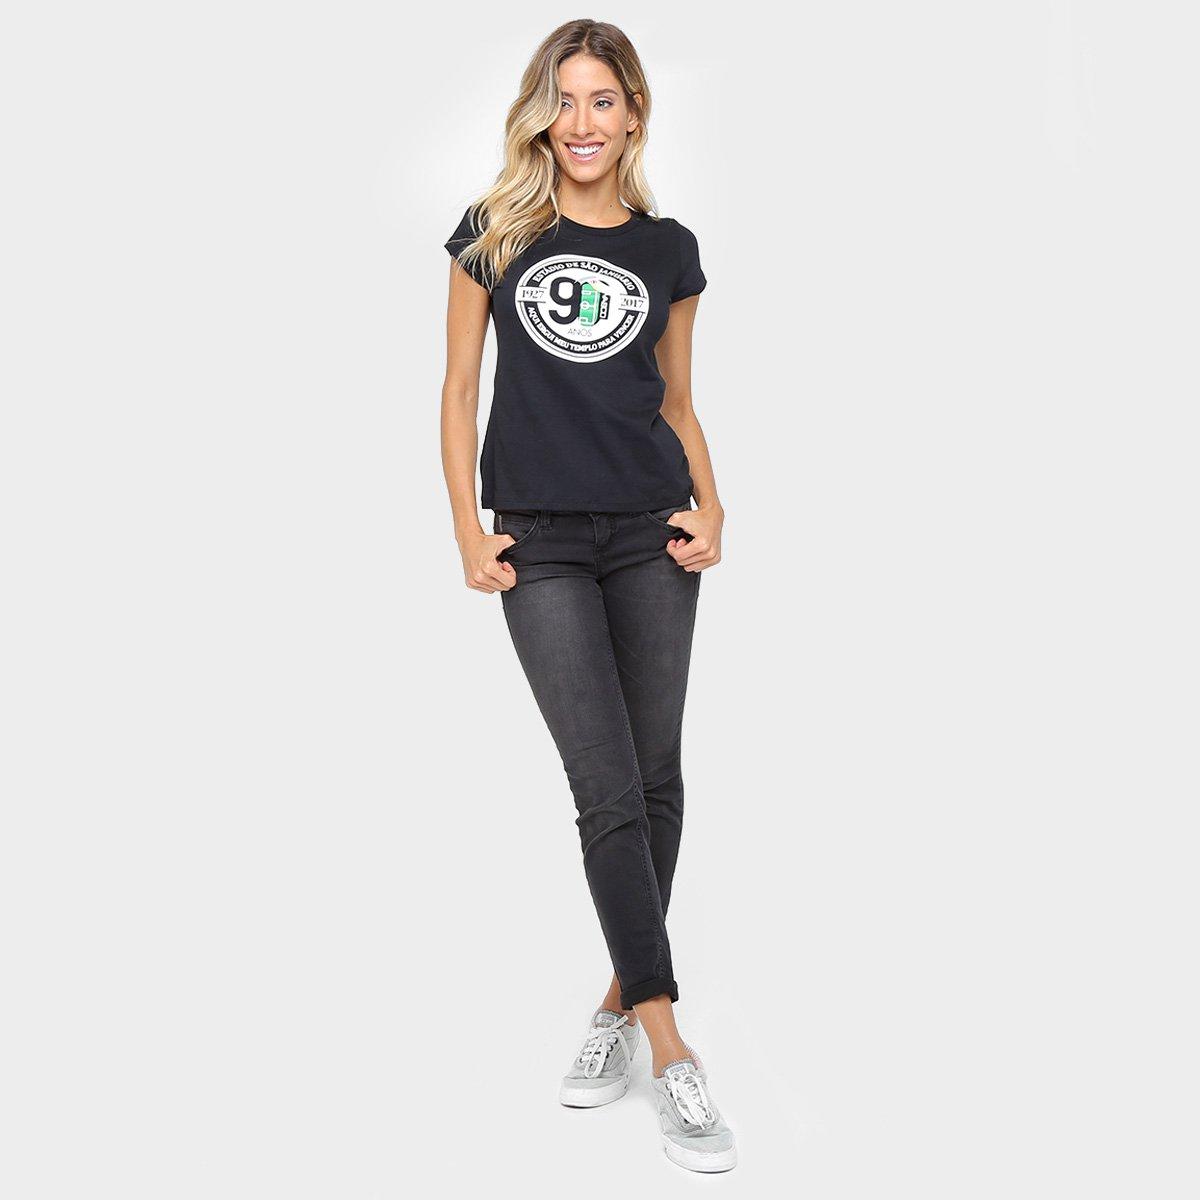 Camiseta Vasco São Januário 90 Anos Feminina - Compre Agora  42385a218c75d